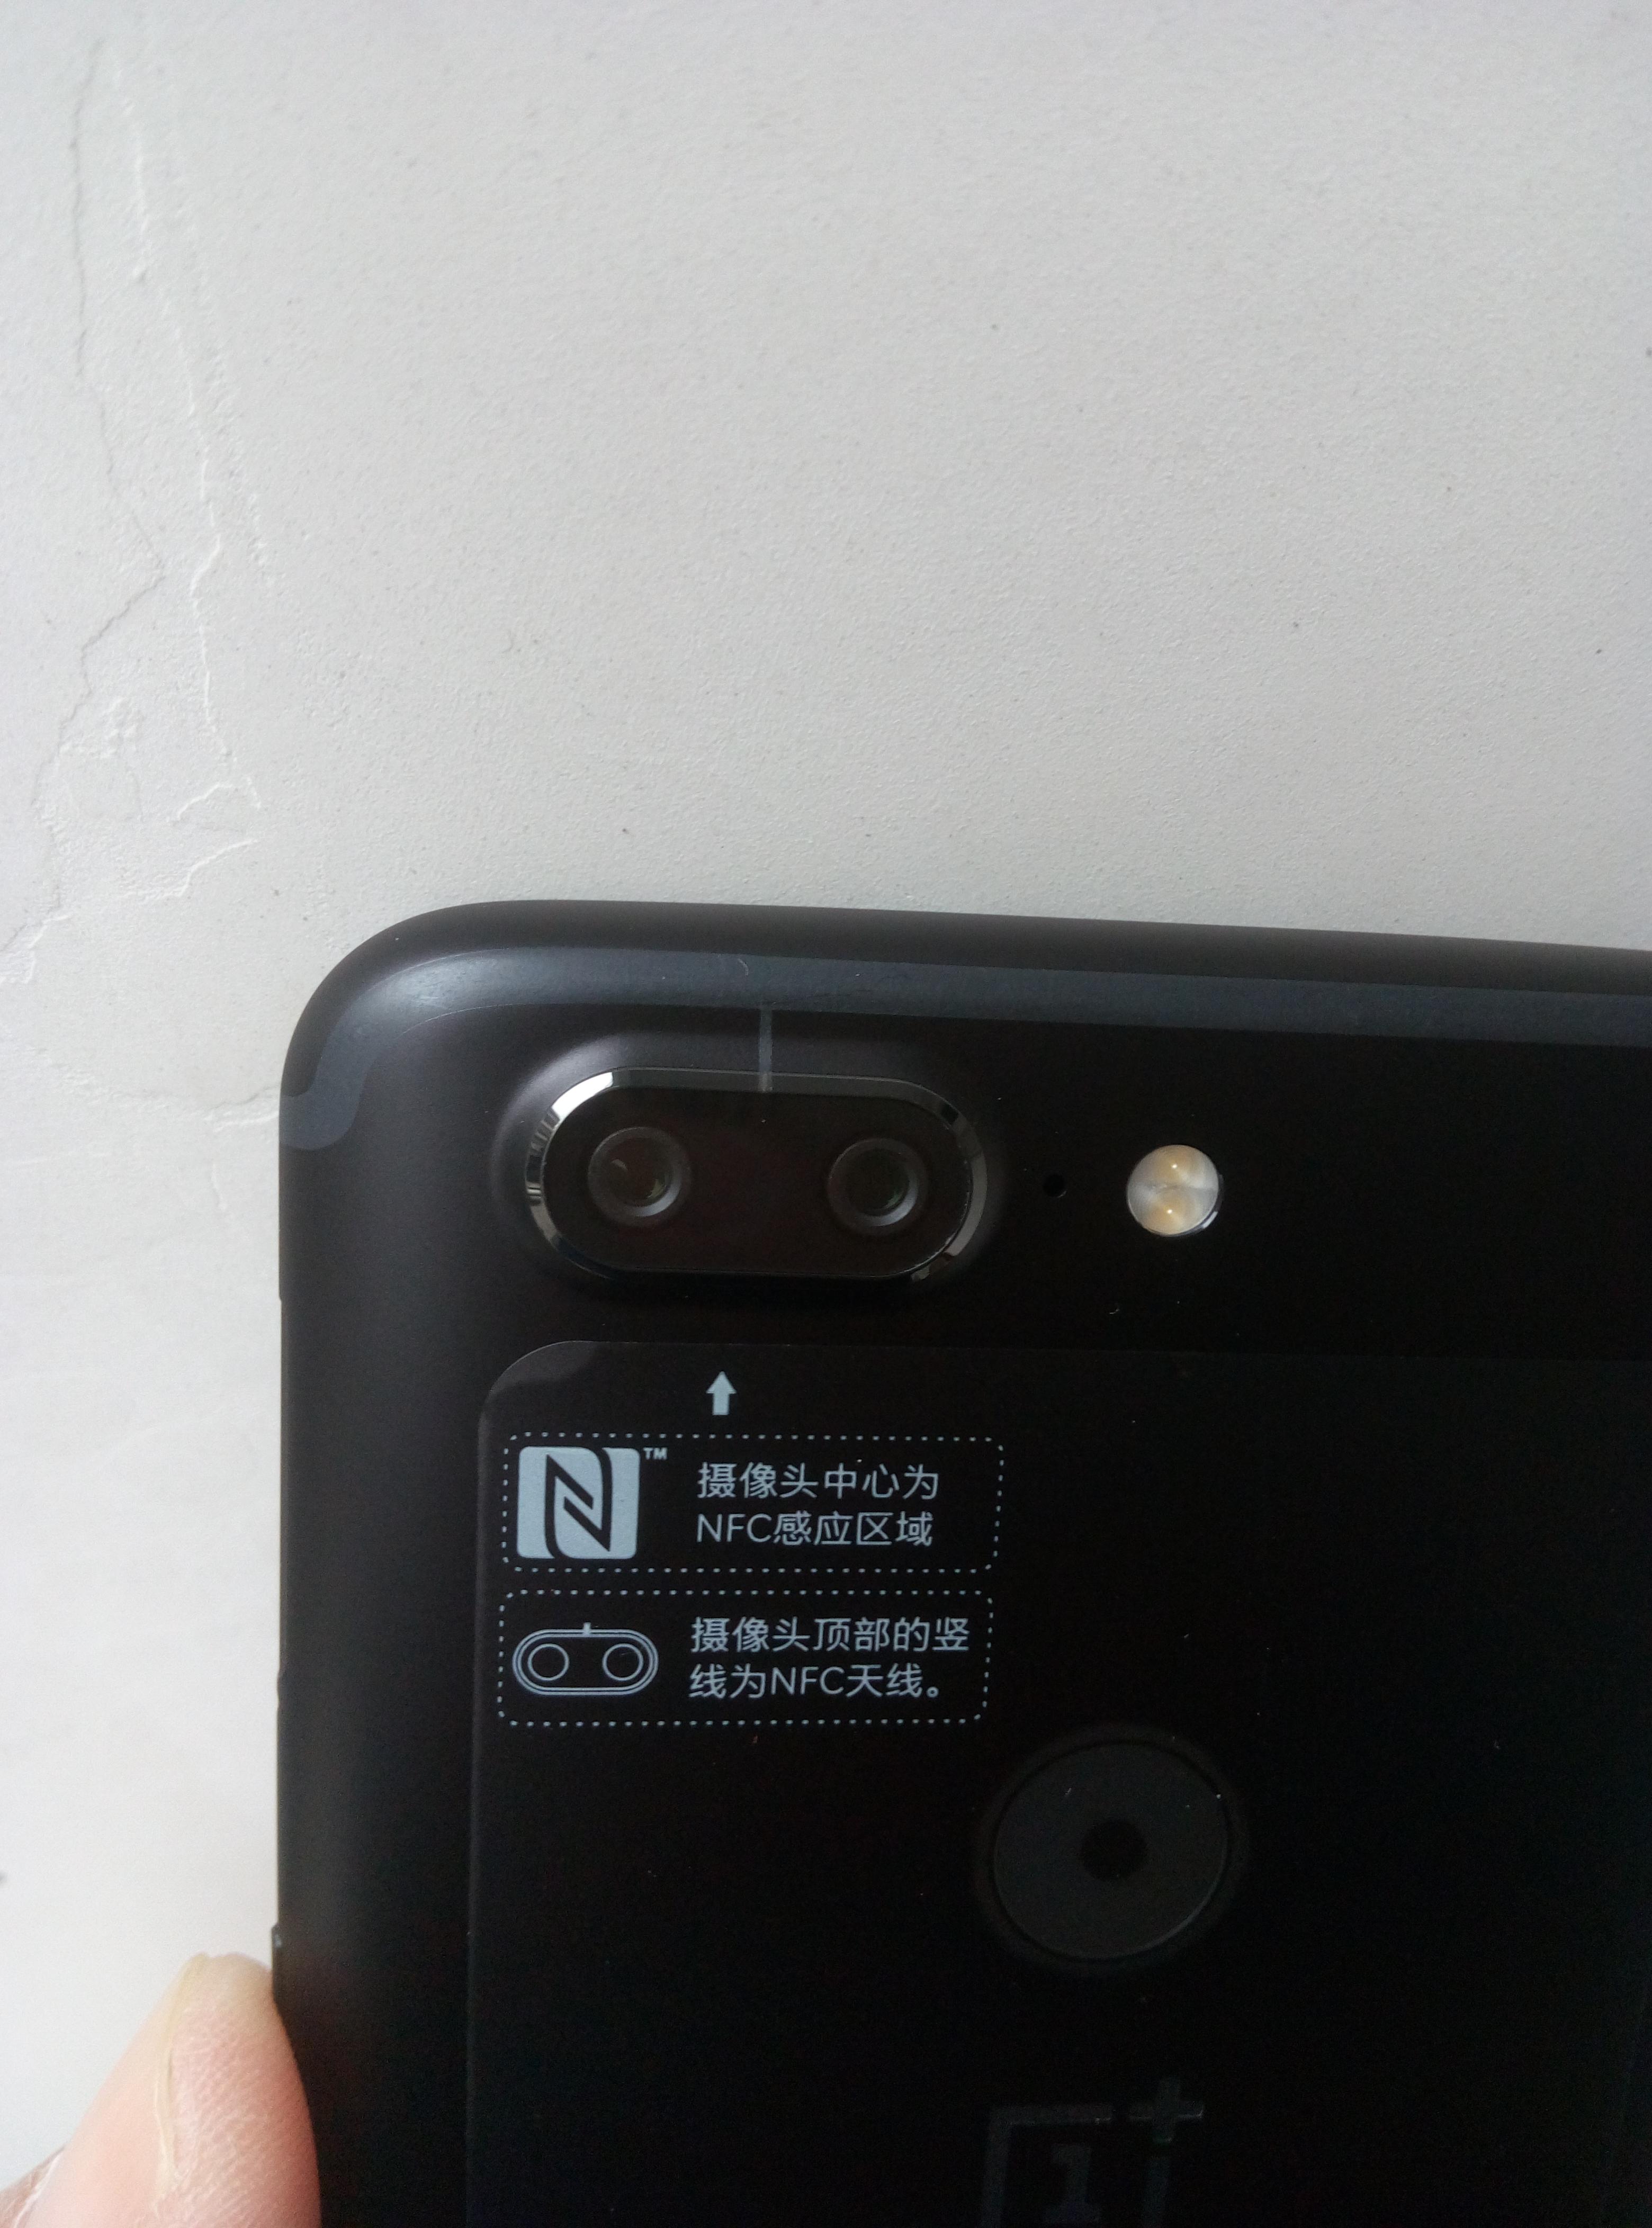 没撕膜你才能看到这里强调的,你们很在意的NFC完全有